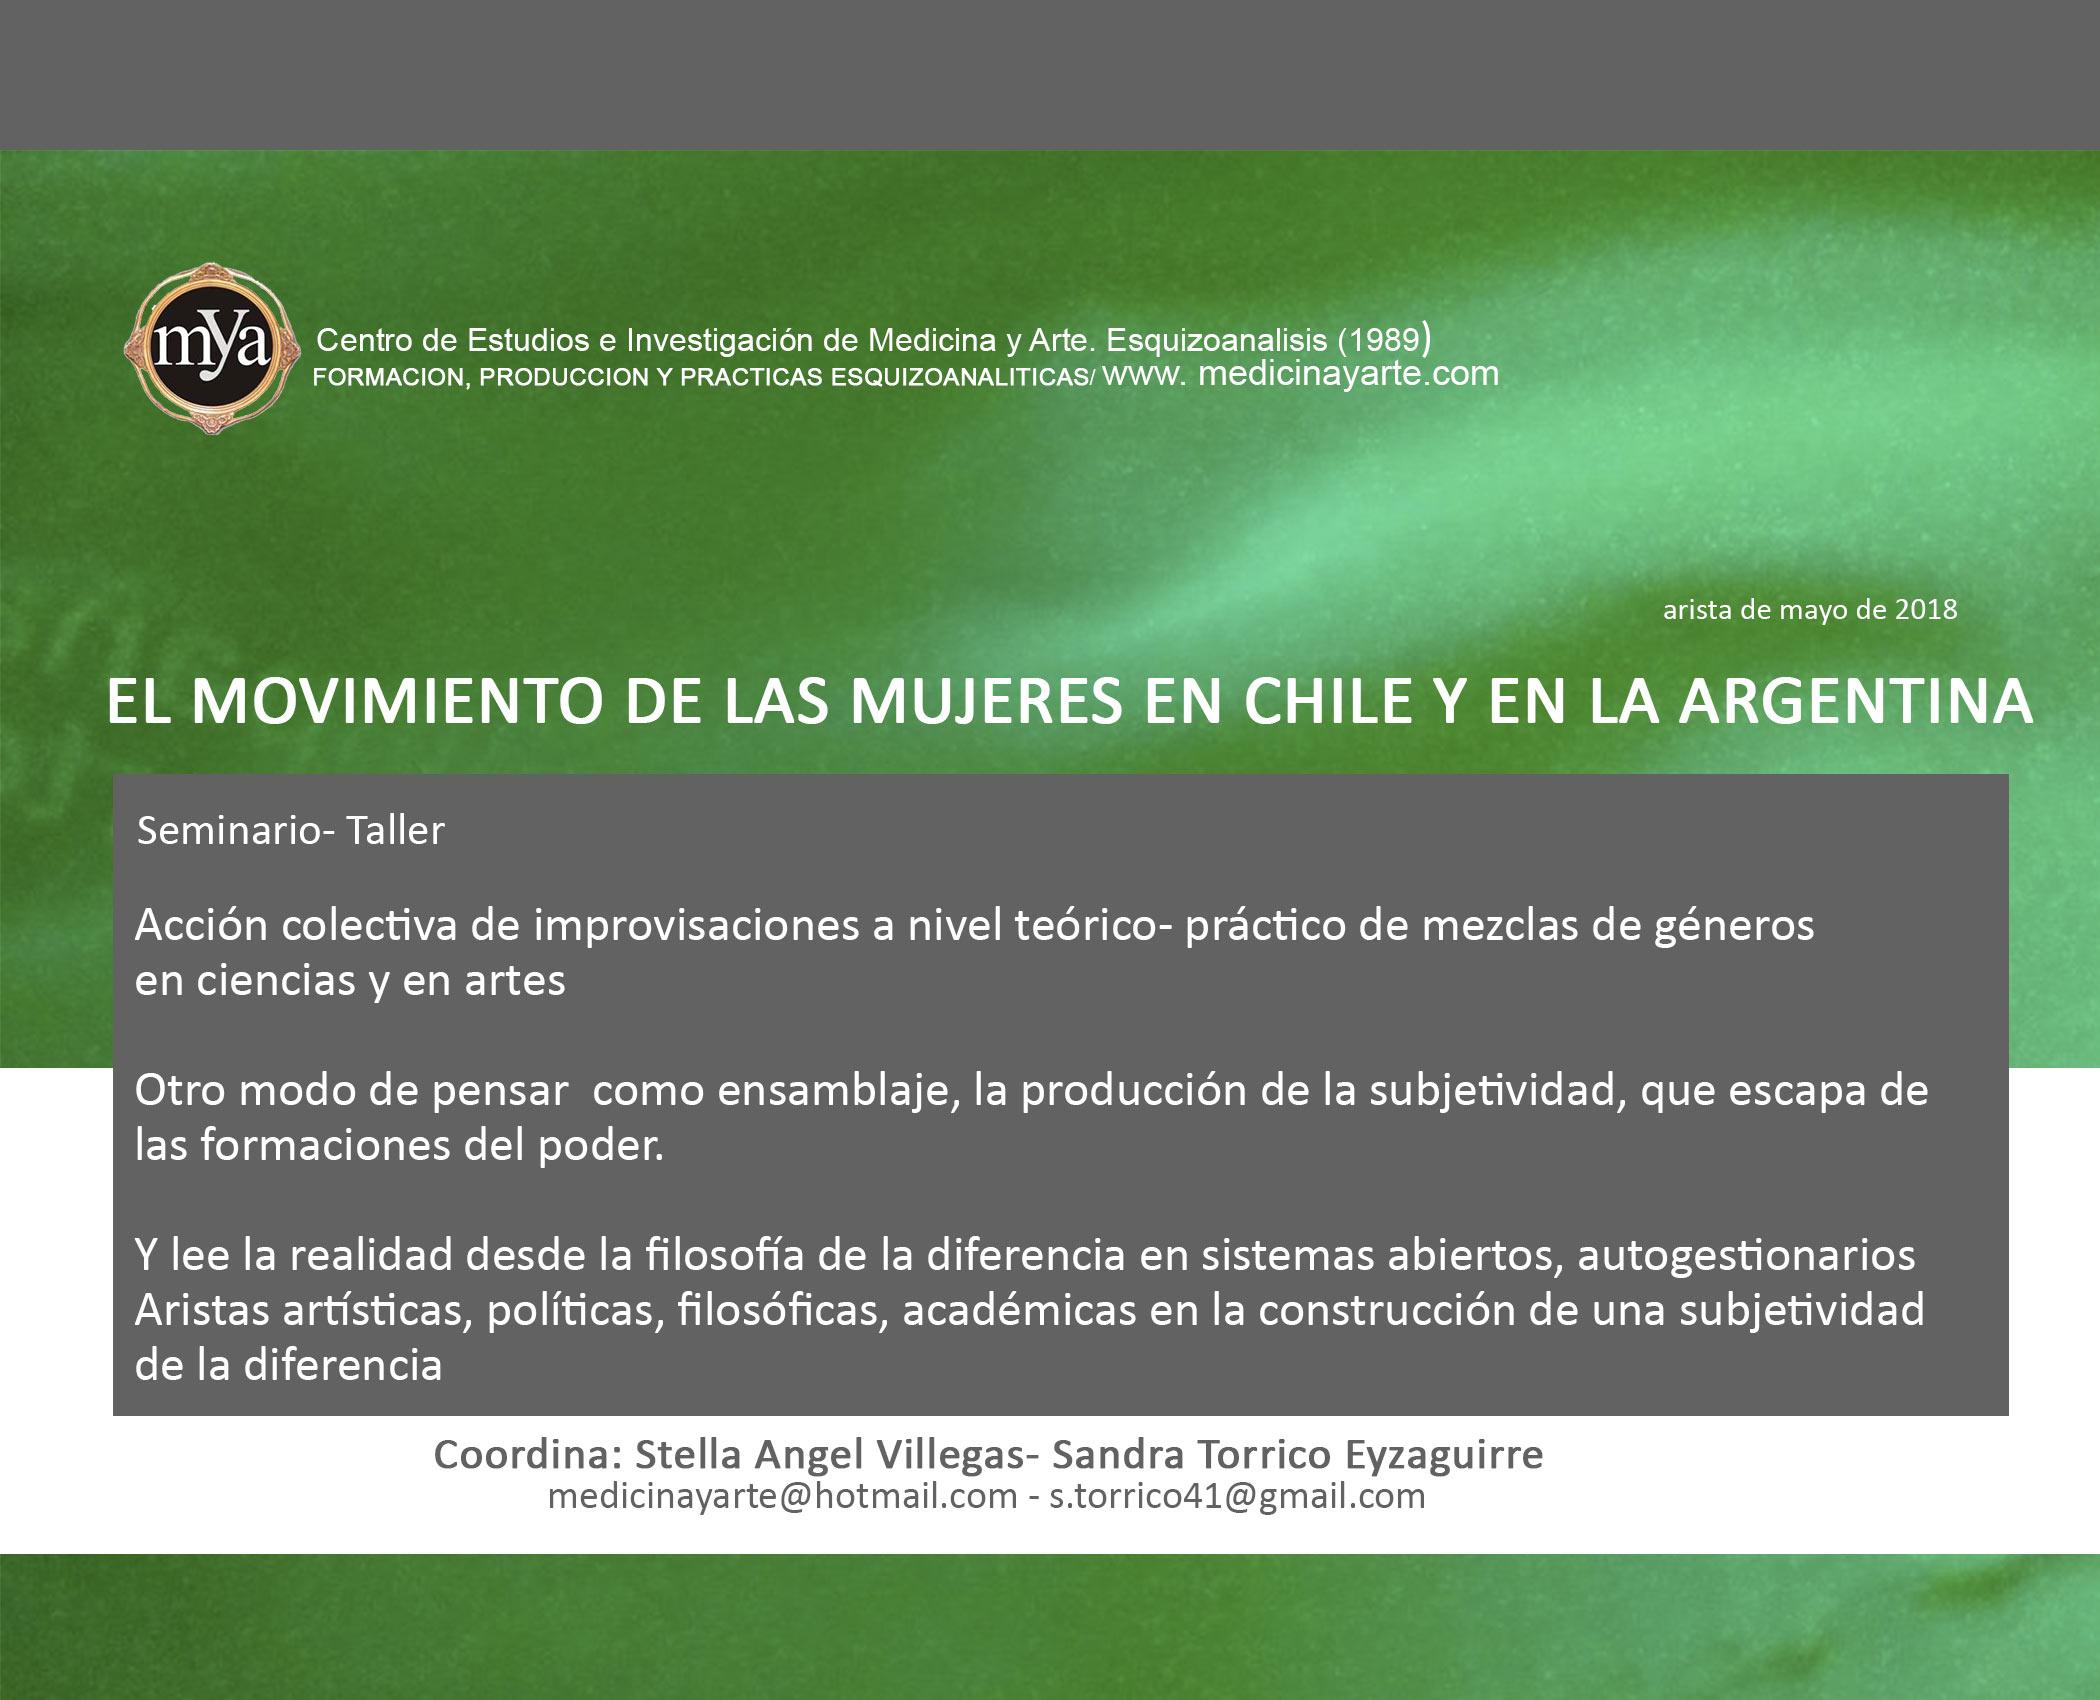 http://medicinayarte.com/img/El-Movimiento-de-las-mujeres-en-Chile-.jpg